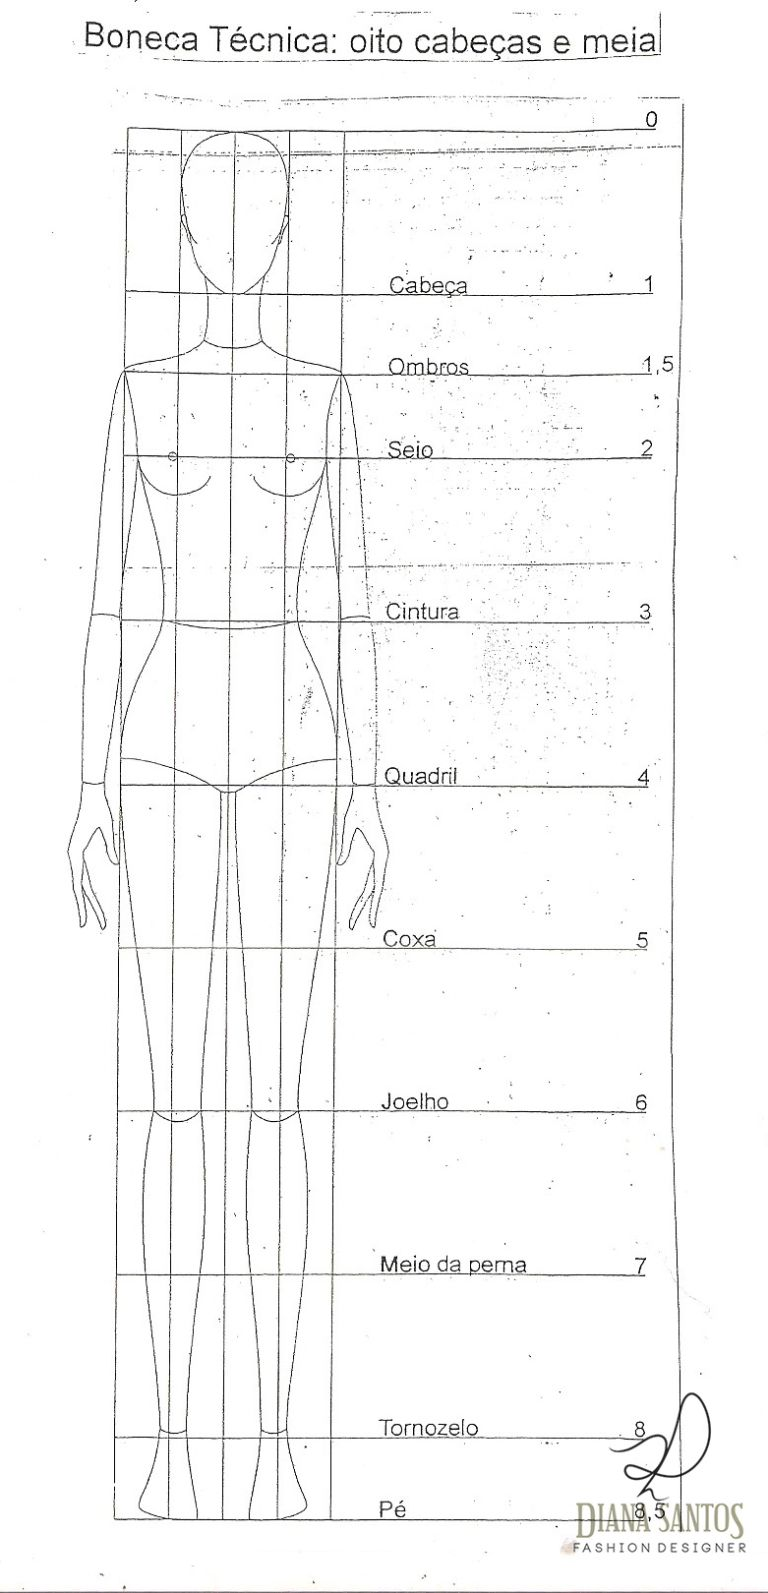 Desenhando croqui de moda #1